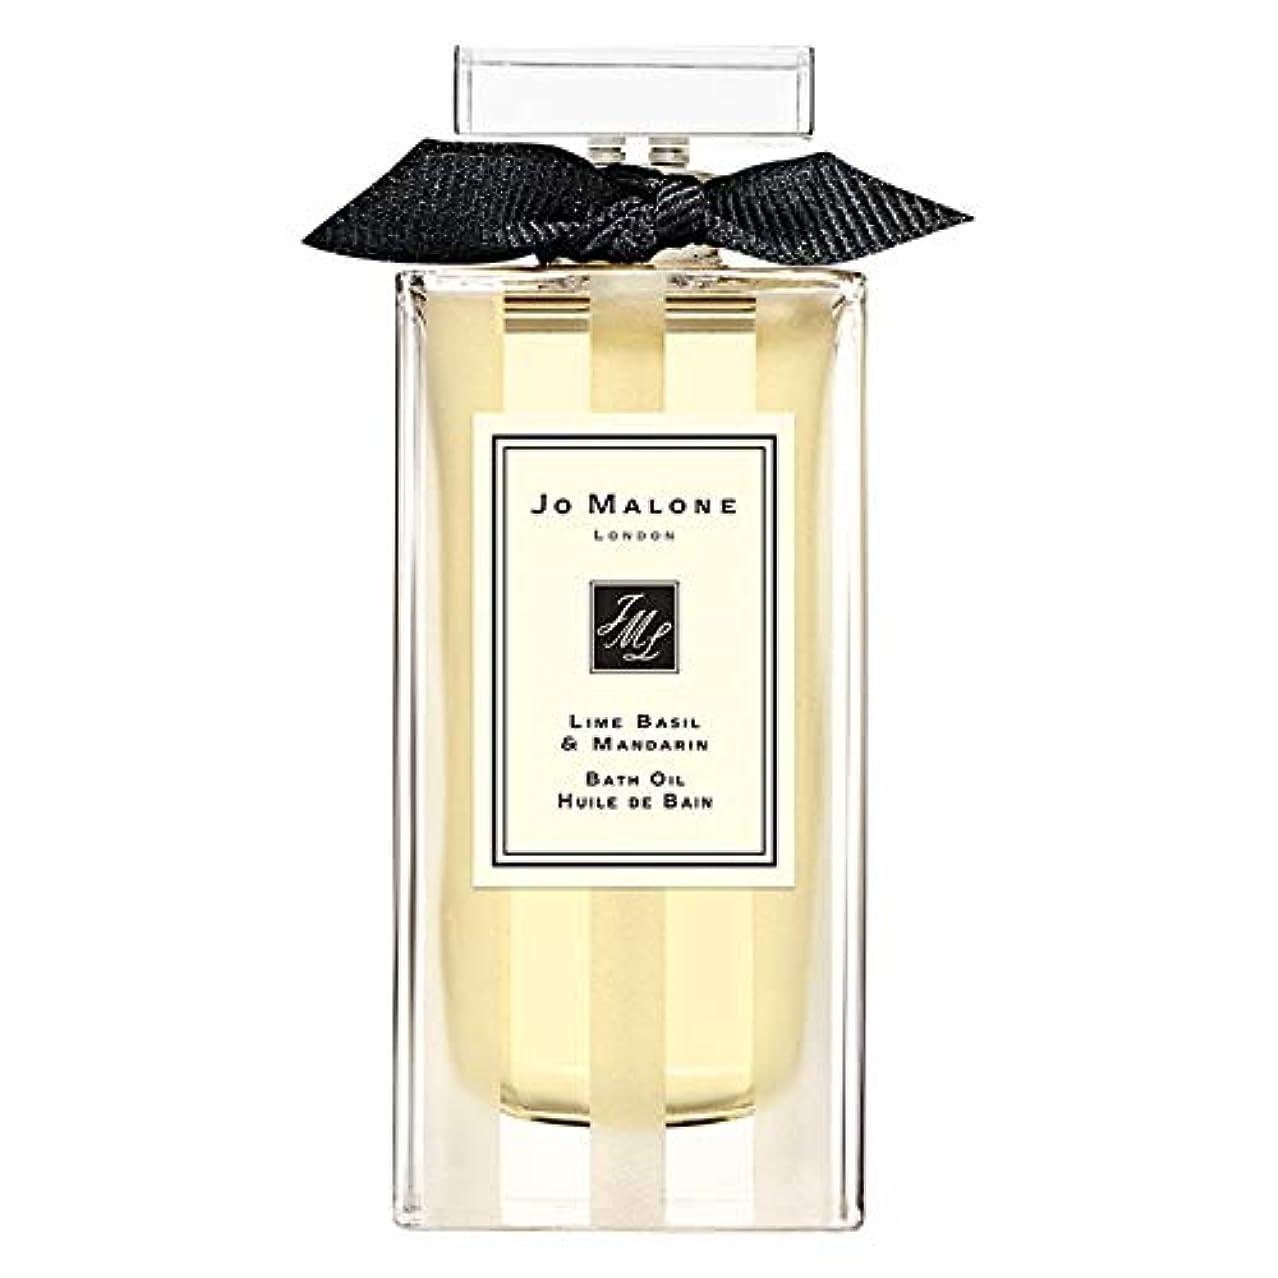 行うウッズ発疹[Jo Malone ] ジョーマローンロンドンライムバジル&マンダリンバスオイル30ミリリットル - Jo Malone London Lime Basil & Mandarin Bath Oil 30ml [並行輸入品]